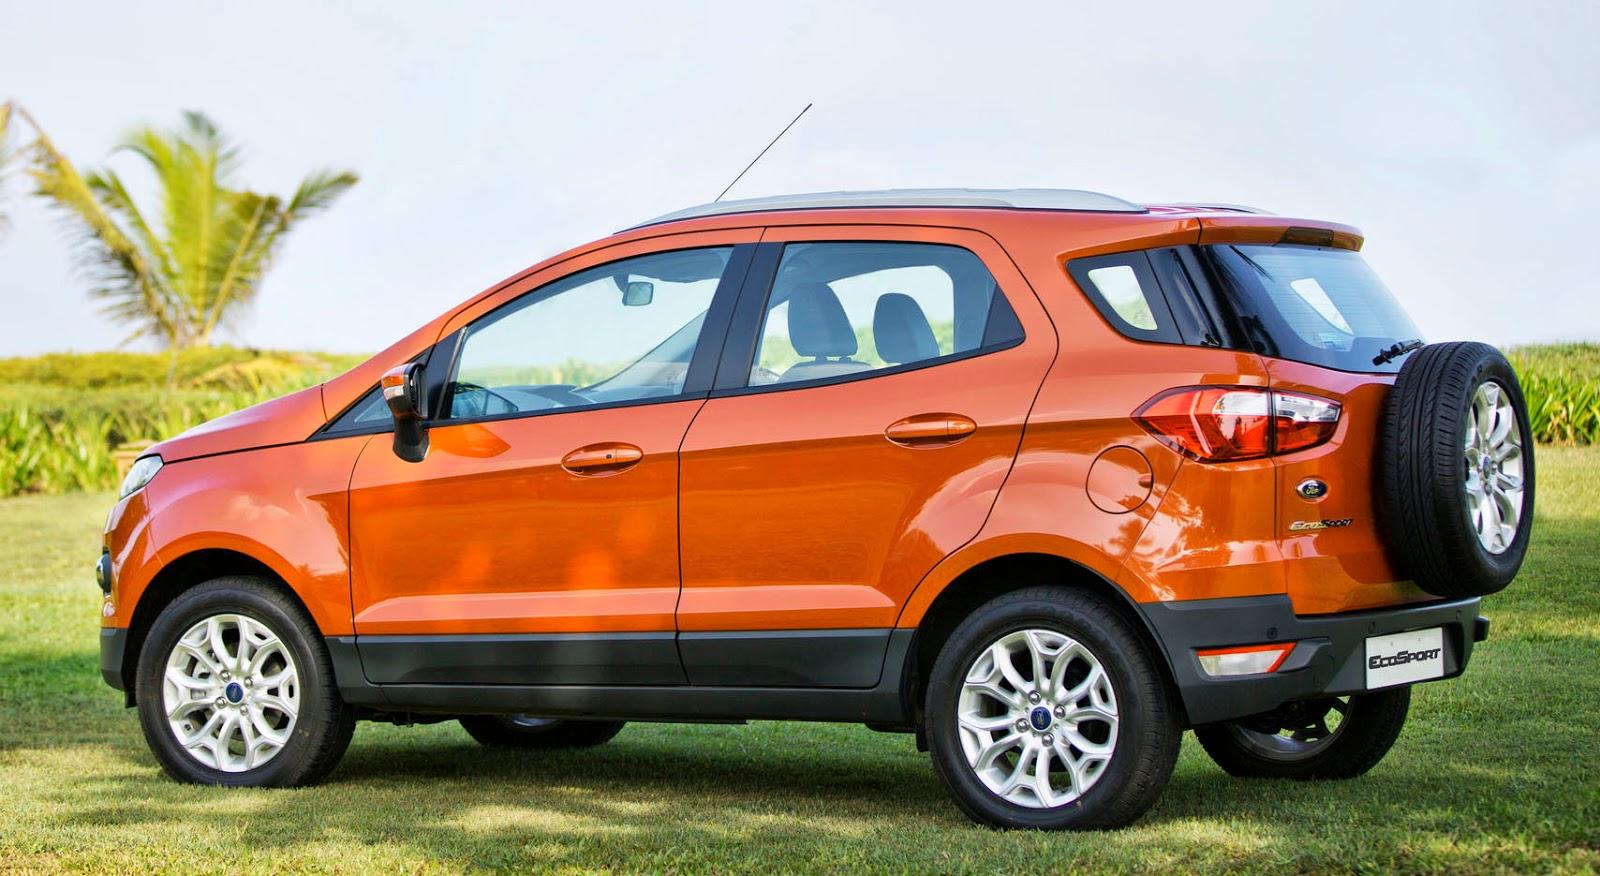 Ford Ecosport melhor suv do Brasil